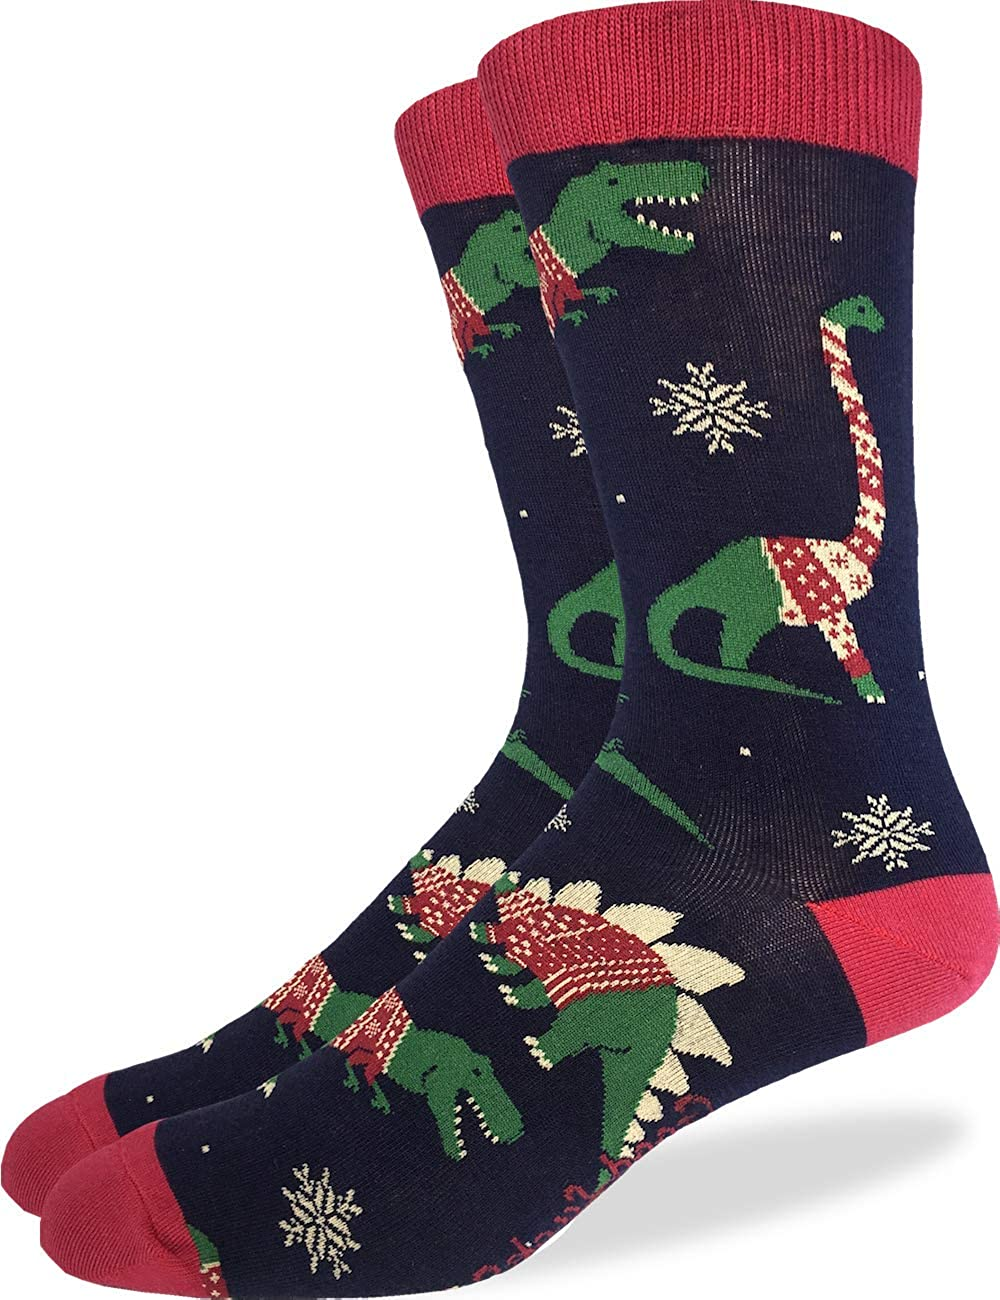 Good Luck Sock Men's Christmas Sweater Dinosaurs Socks - Blue, Shoe Size 7-12